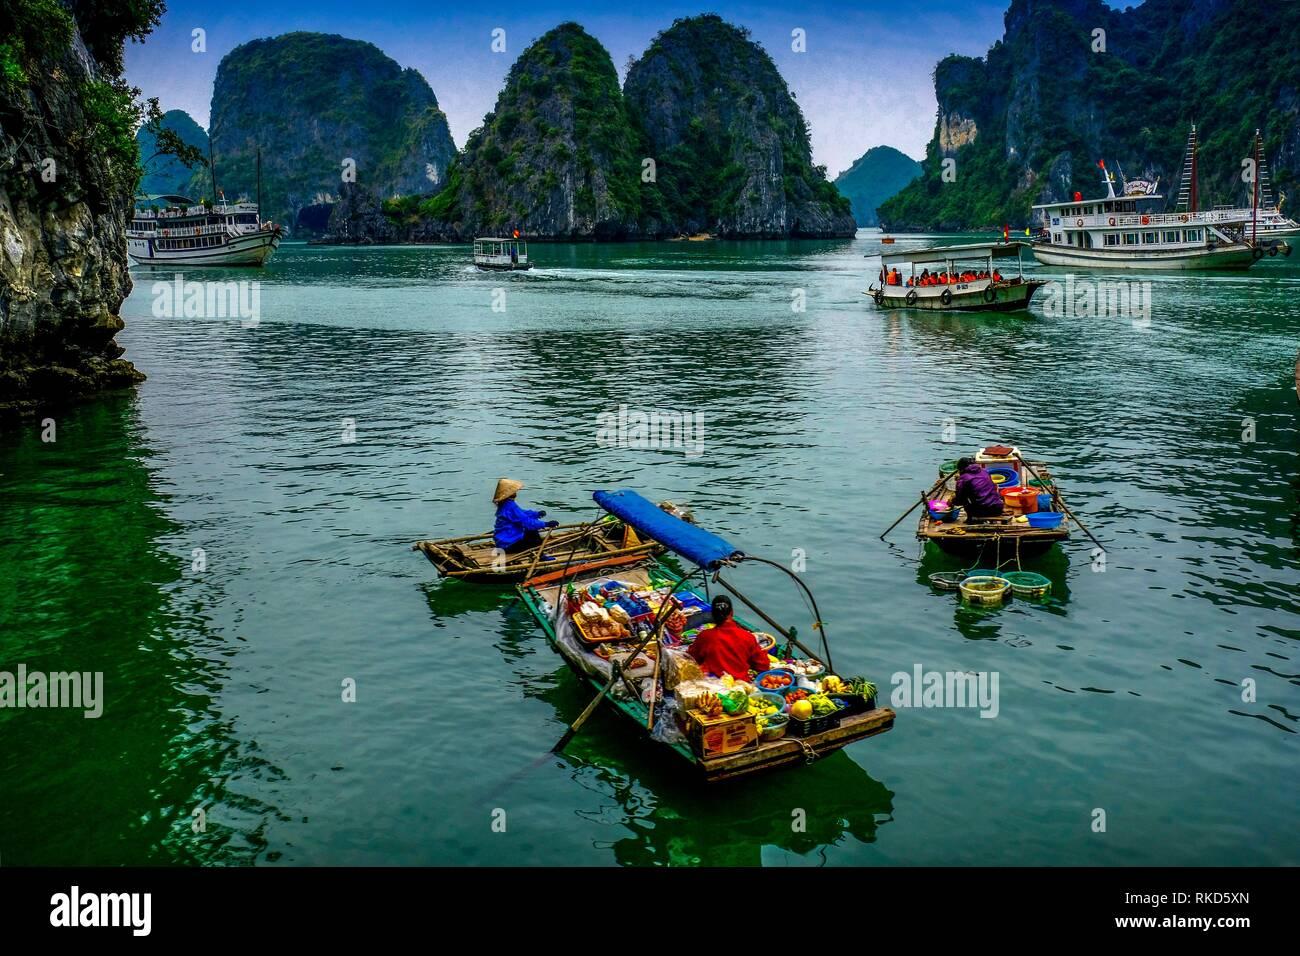 Il Vietnam, la baia di Ha Long è un sito Patrimonio Mondiale dell'UNESCO e meta turistica apprezzata in Quang Ninh Provincia, Vietnam. Dal punto di vista amministrativo, la baia Immagini Stock